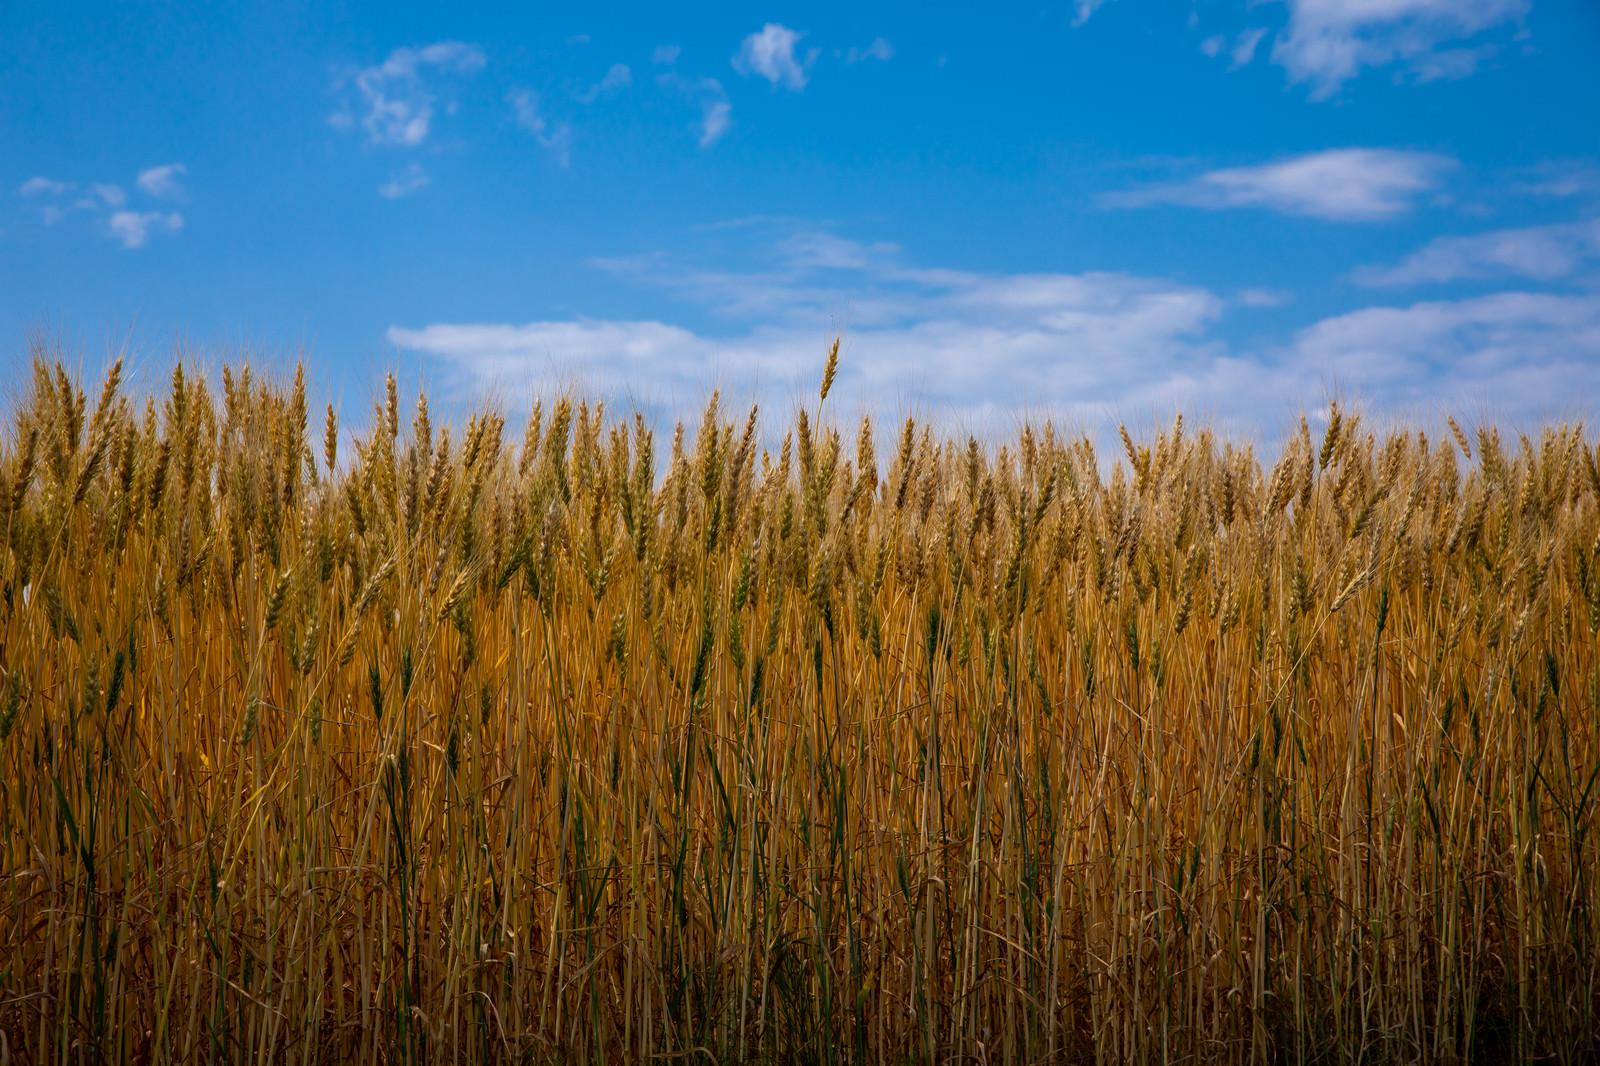 「青空と麦の穂」の写真